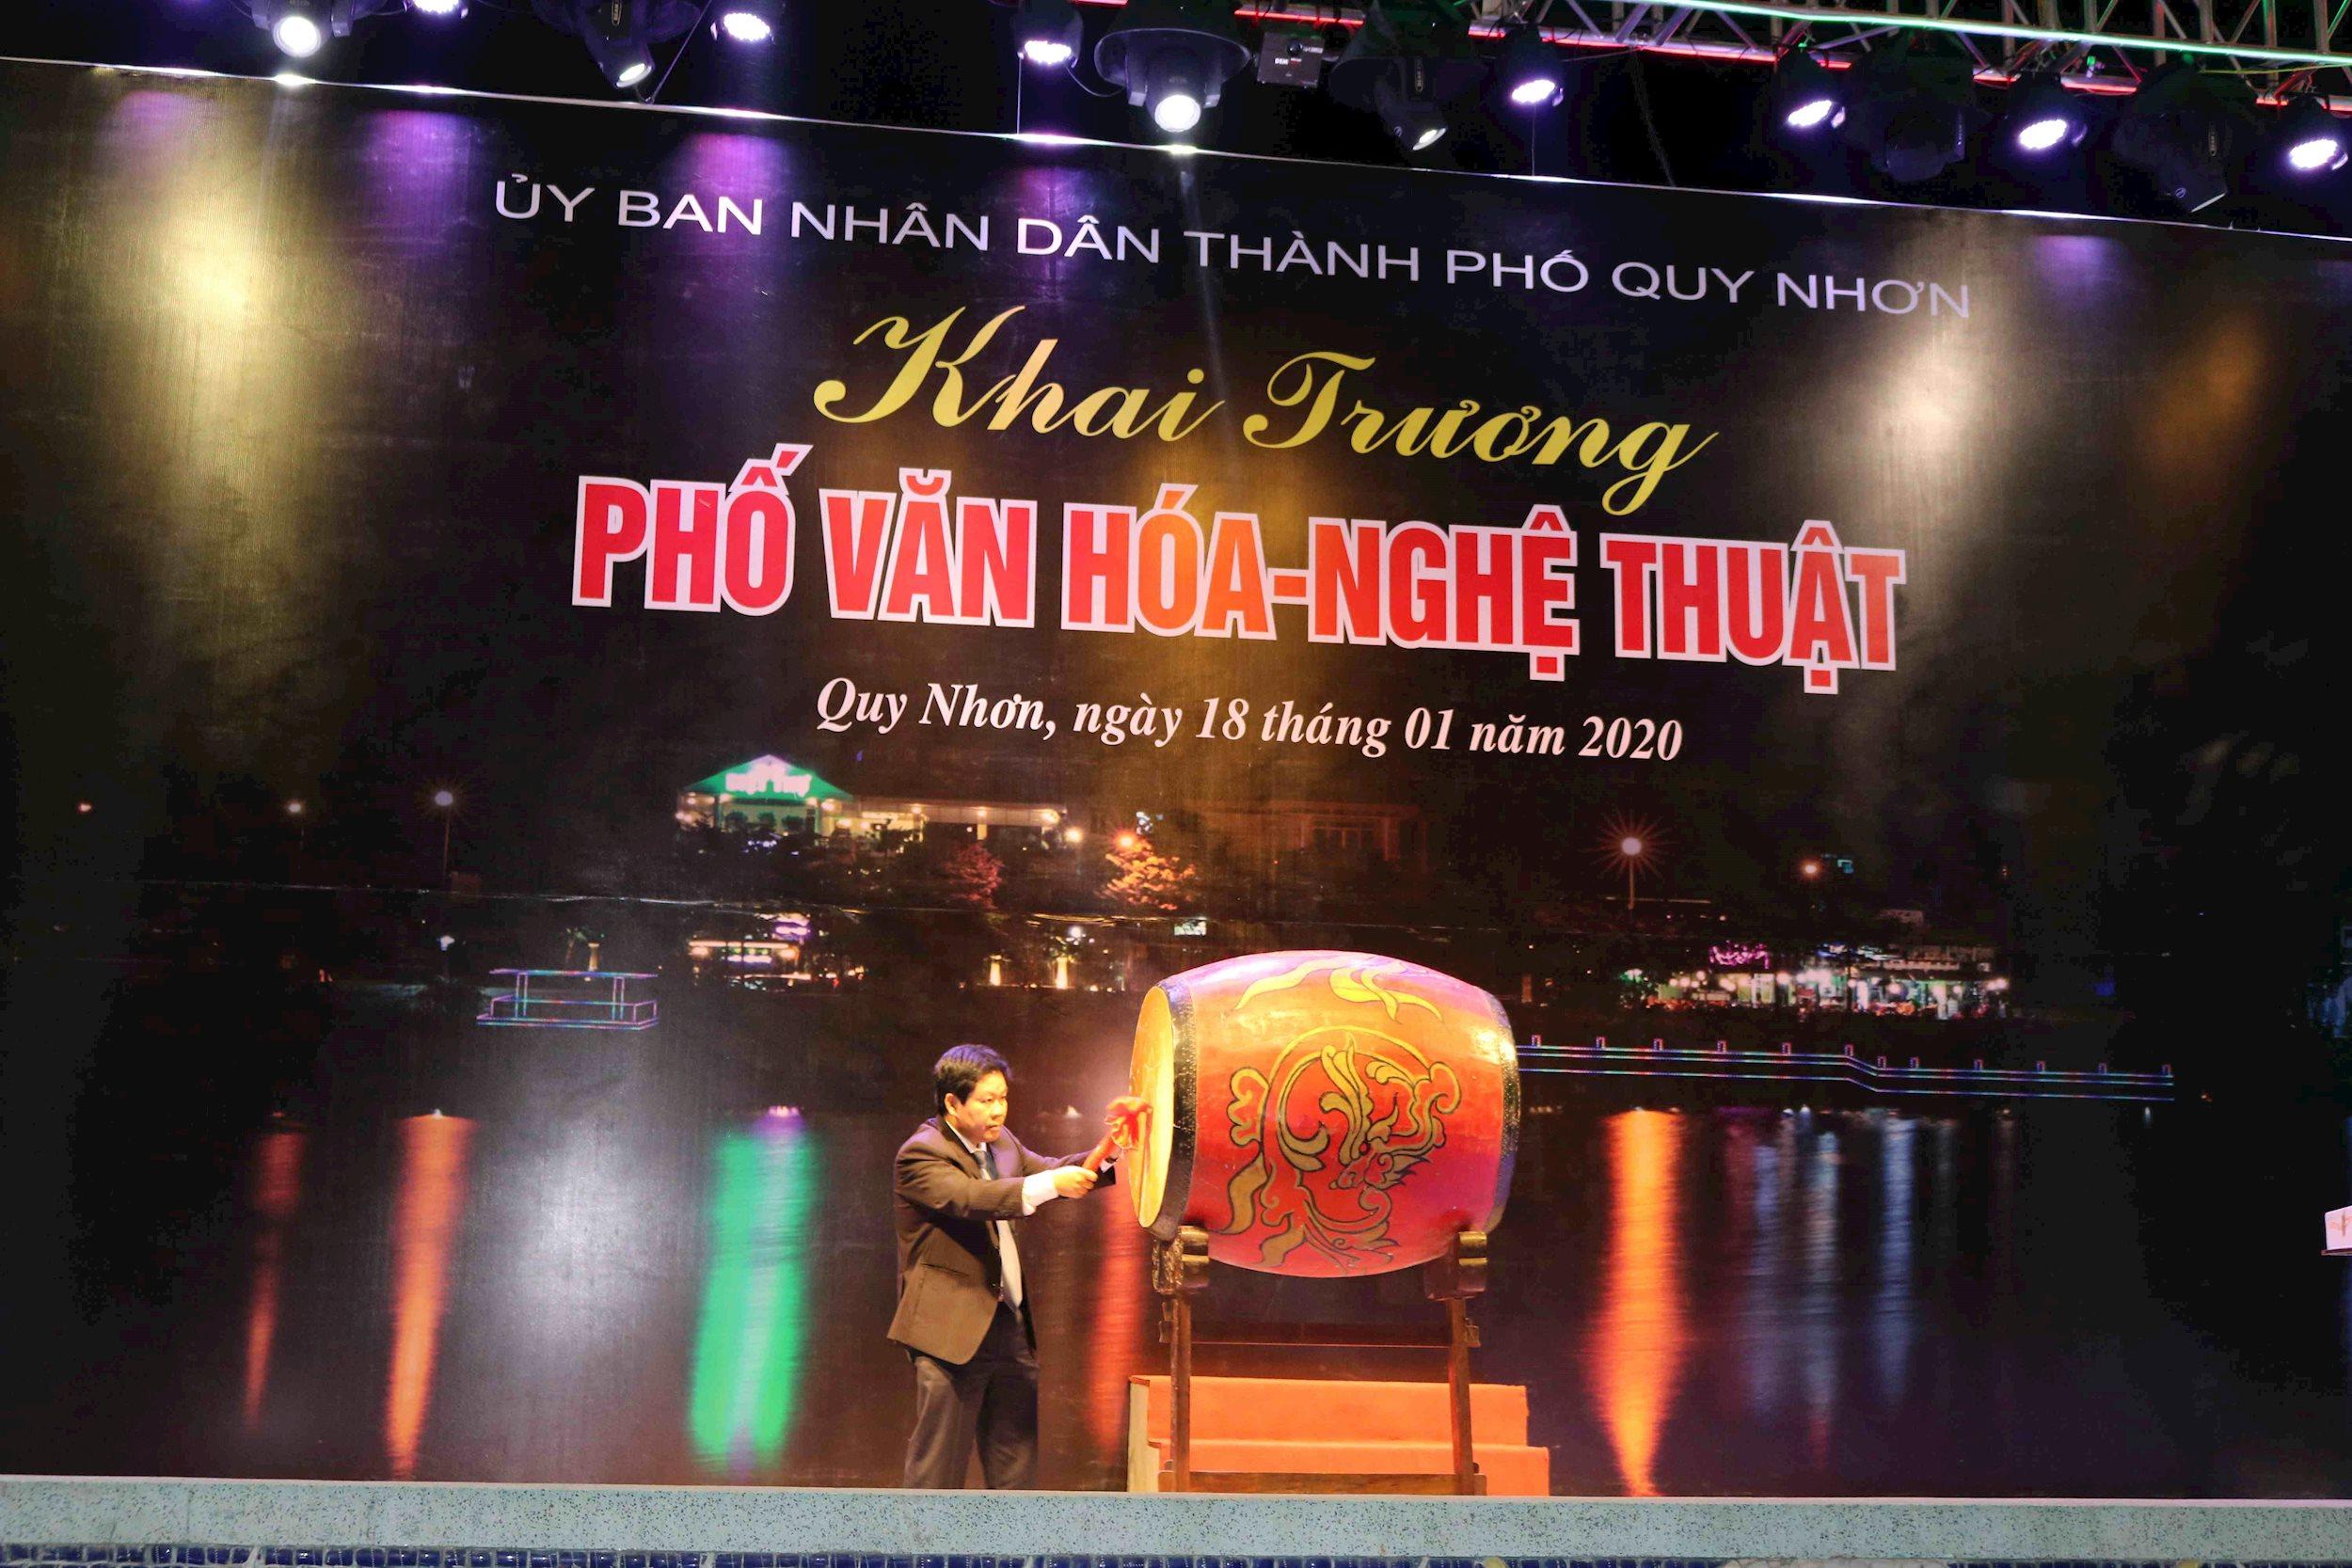 Ông Ngô Hoàng Nam - Chủ tịch UBND thành phố Quy Nhơn đánh trống khai trương